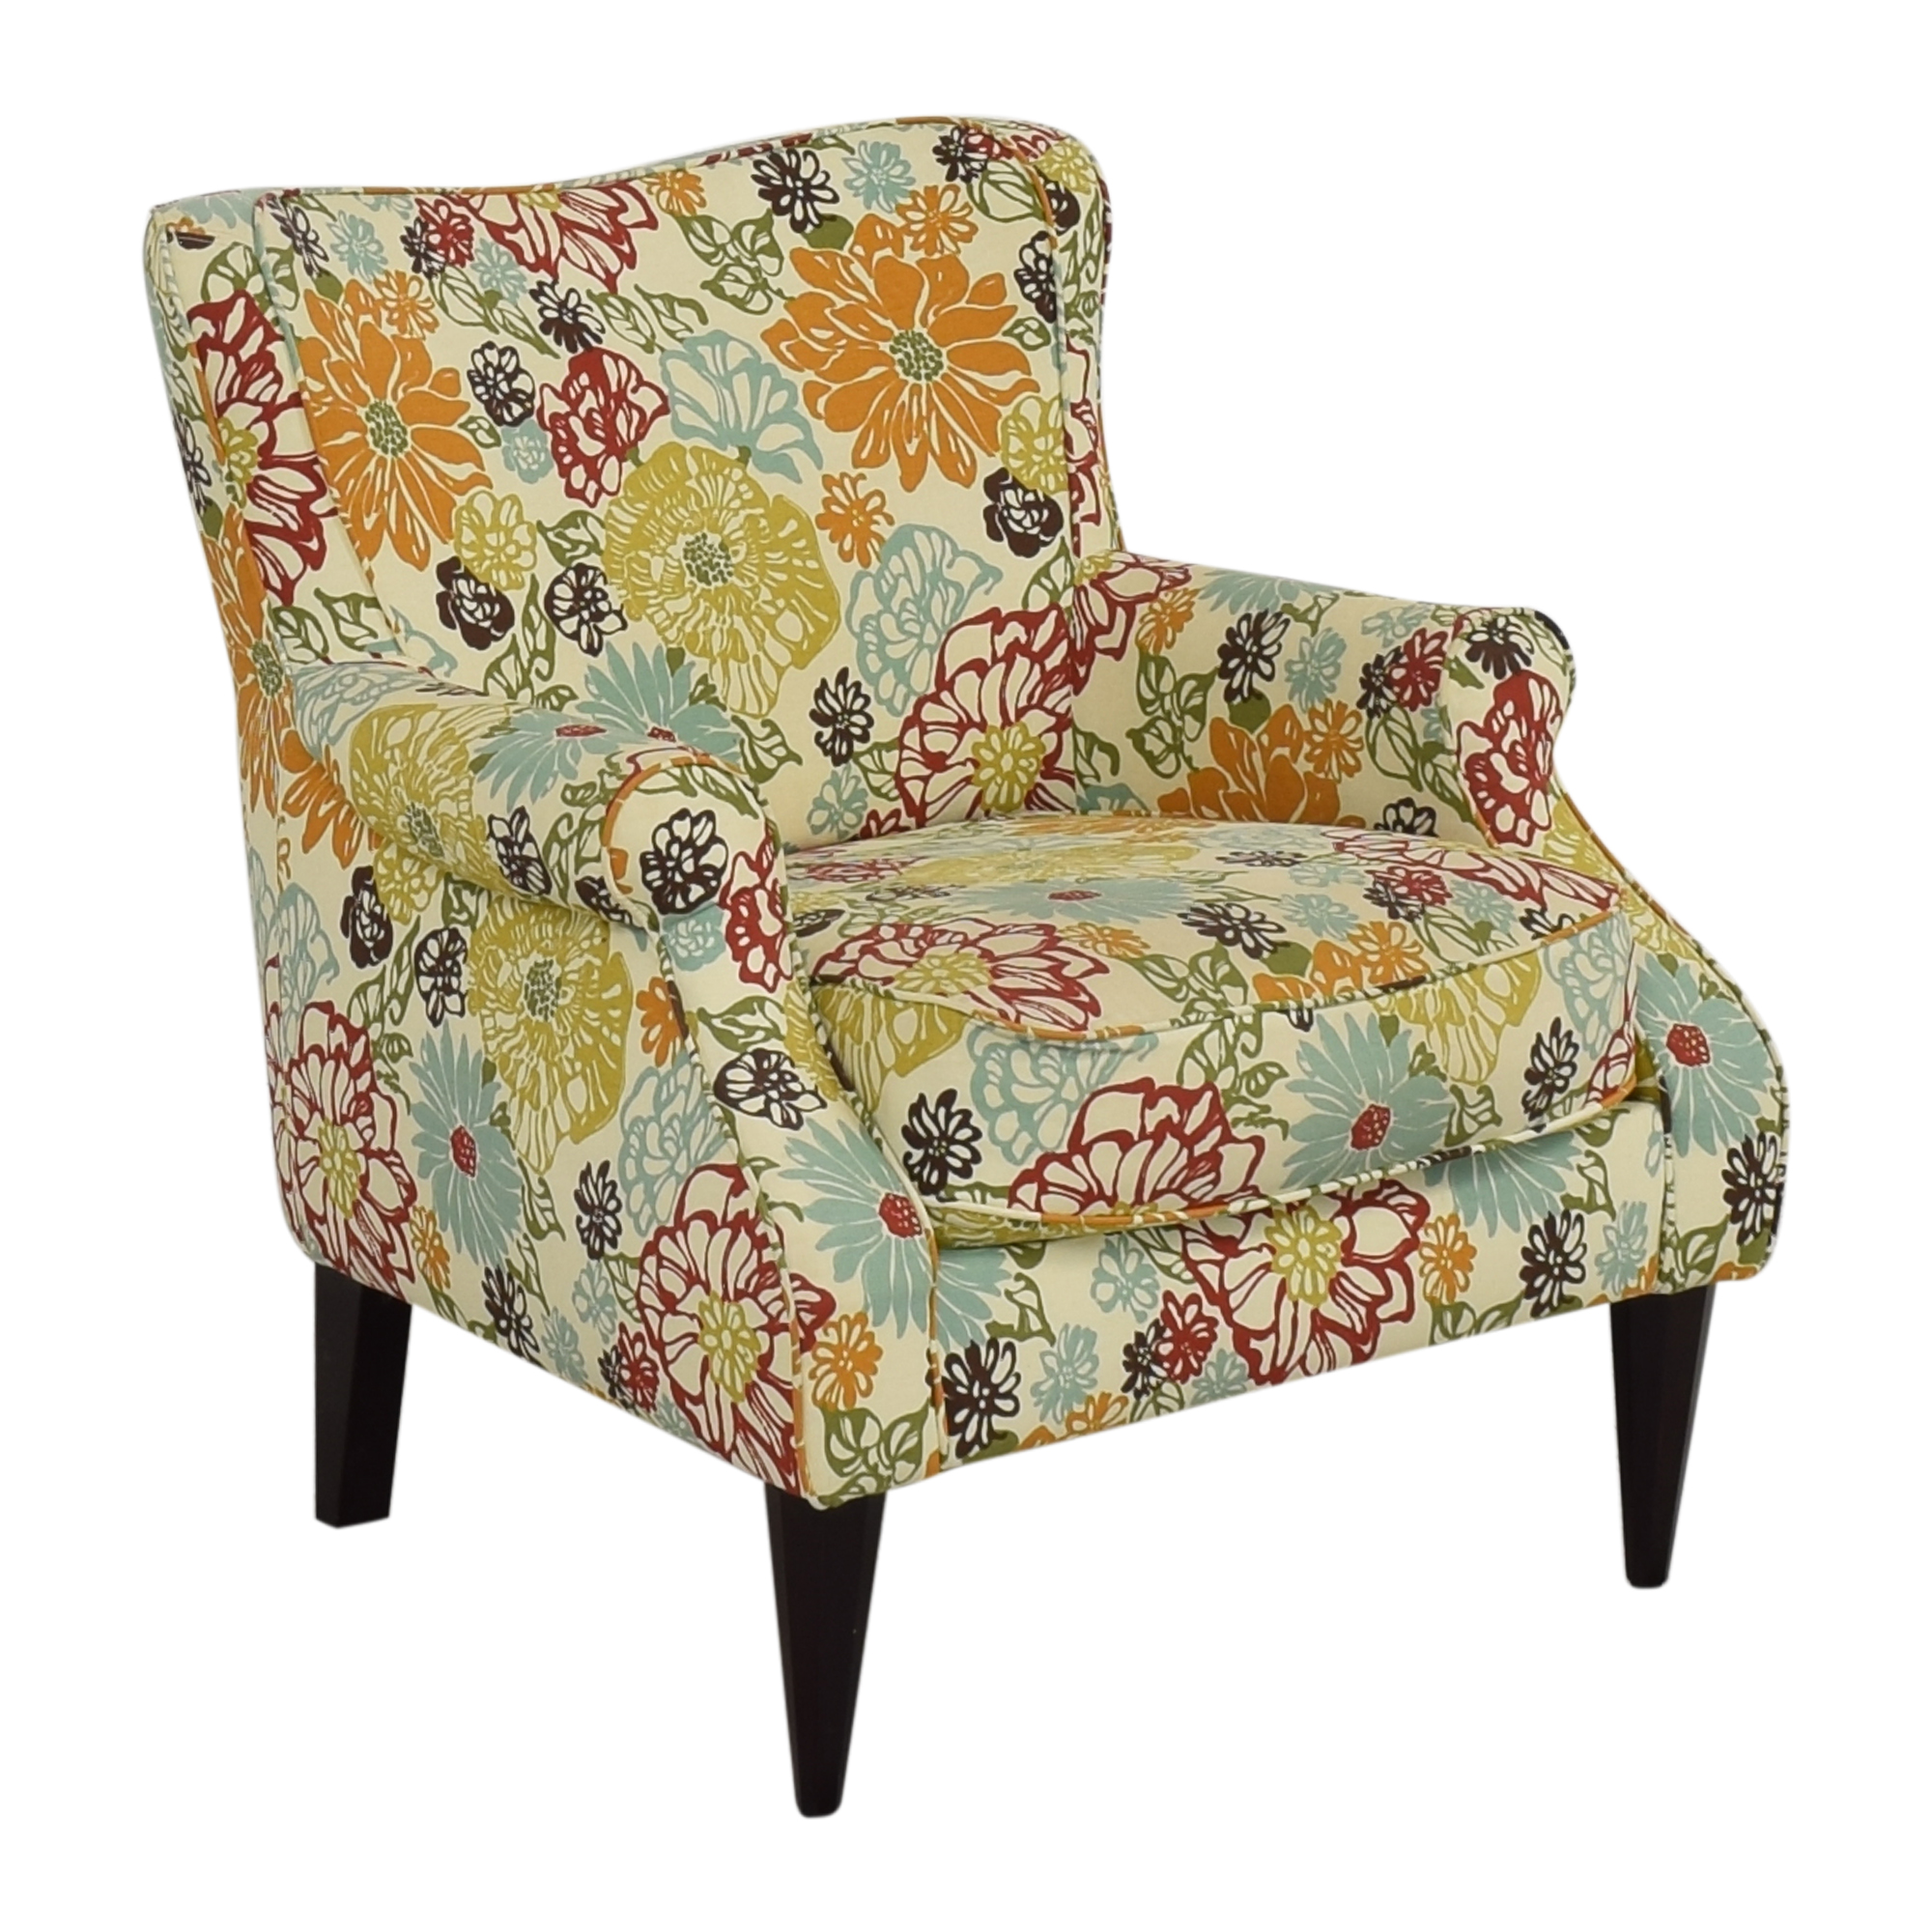 shop Raymour & Flanigan Emelen Accent Chair Raymour & Flanigan Accent Chairs